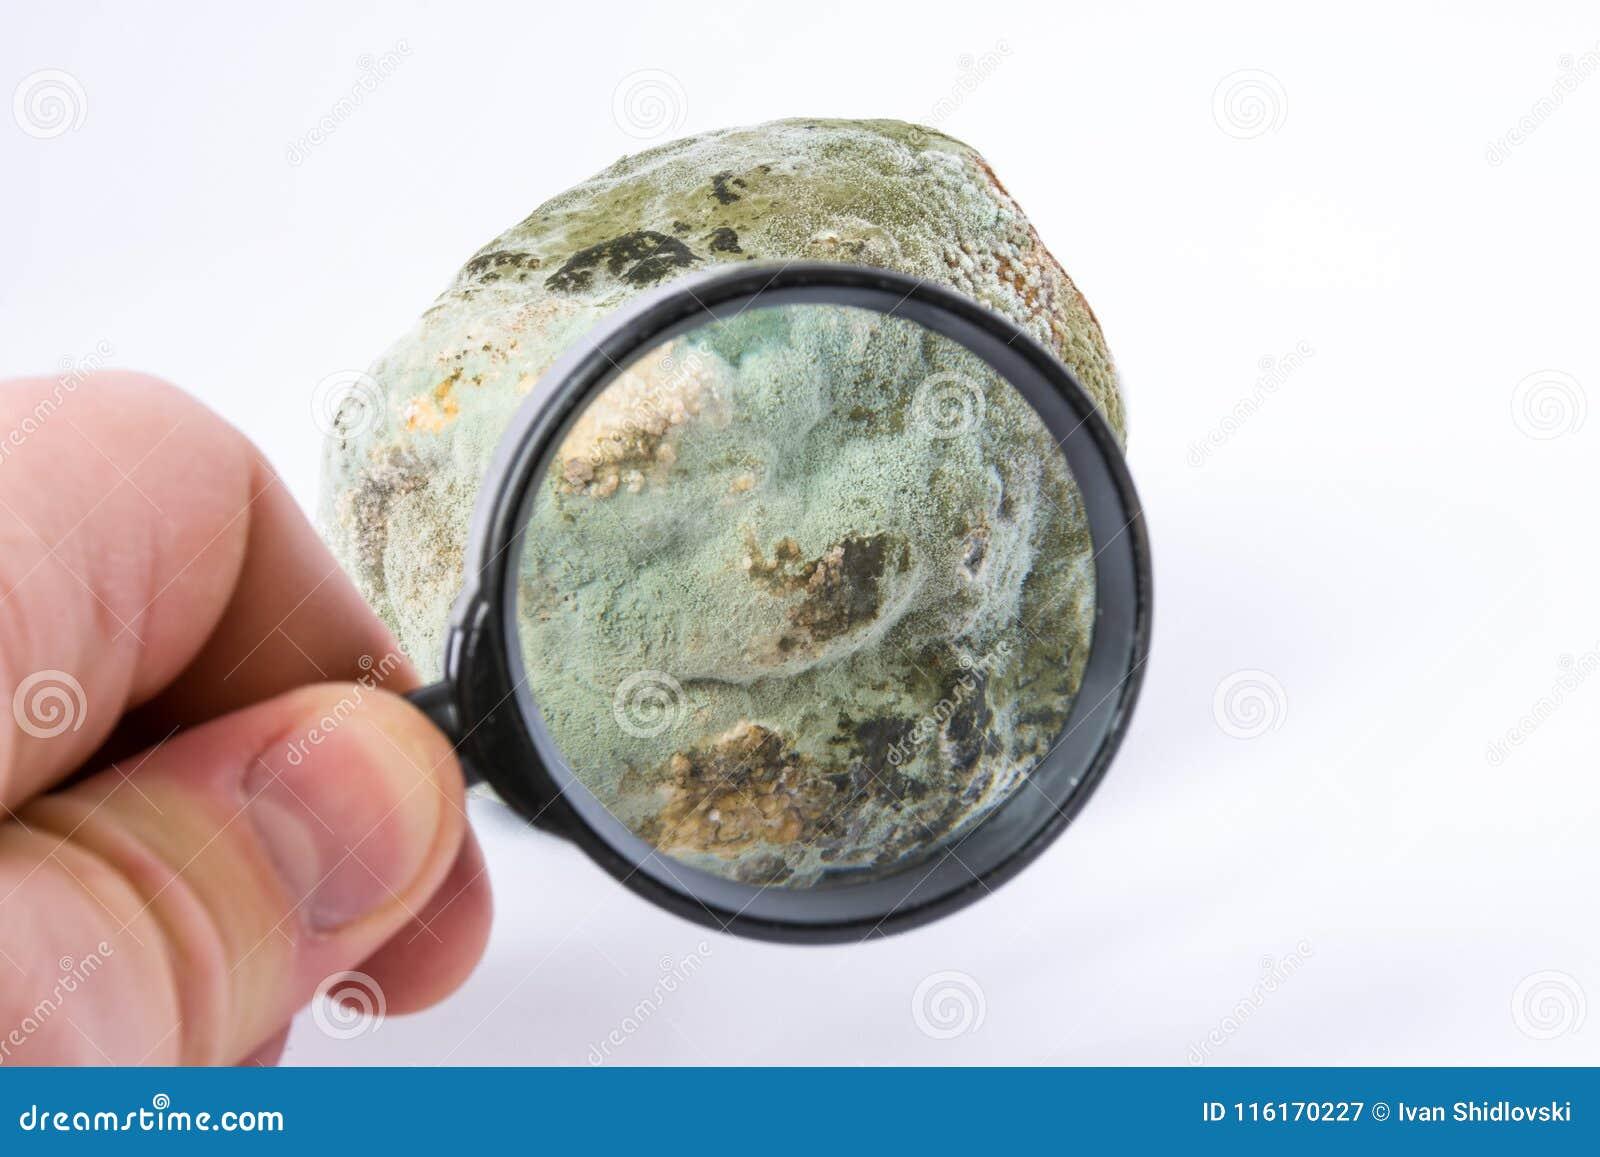 Wissenschaftler definiert von der Art, von der Inspektion von Sporen oder von der Prüfungsform auf Früchten oder Gemüse mit Lupe